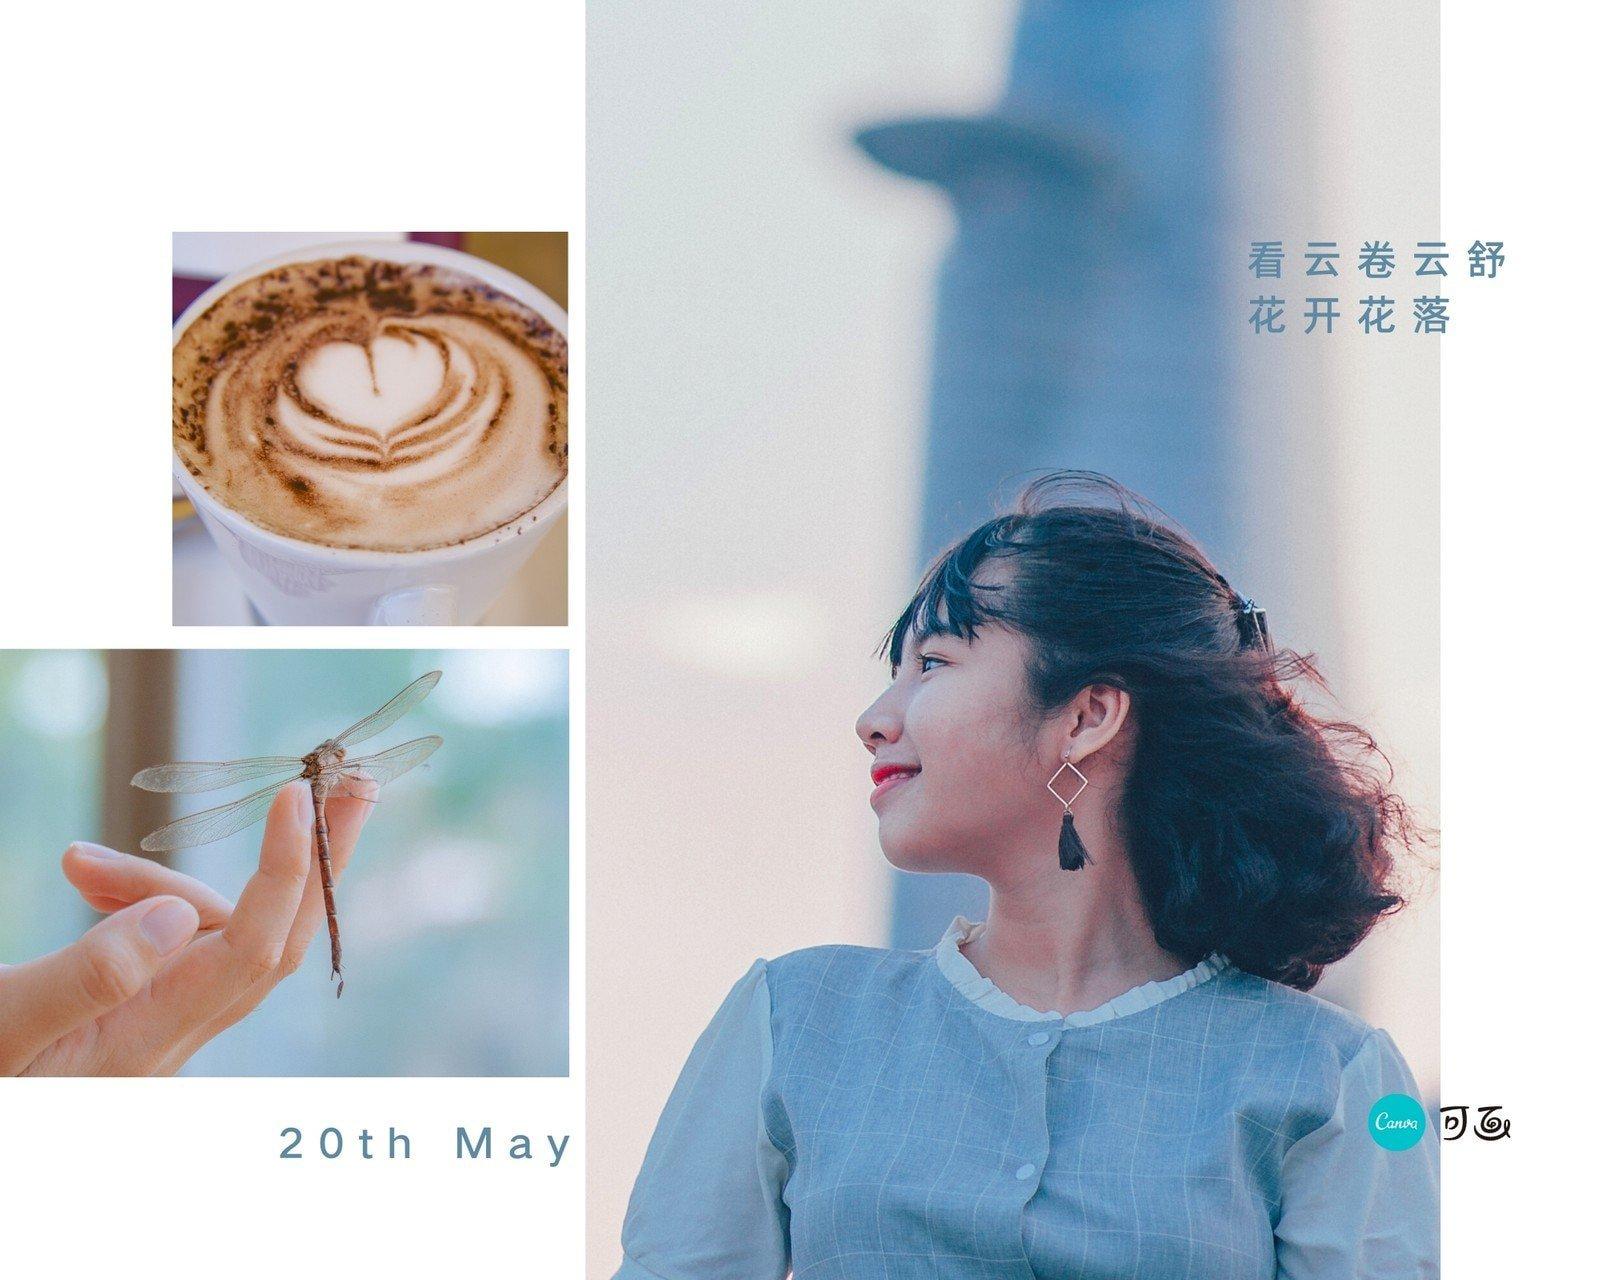 白蓝色照片个人分享中文拼图